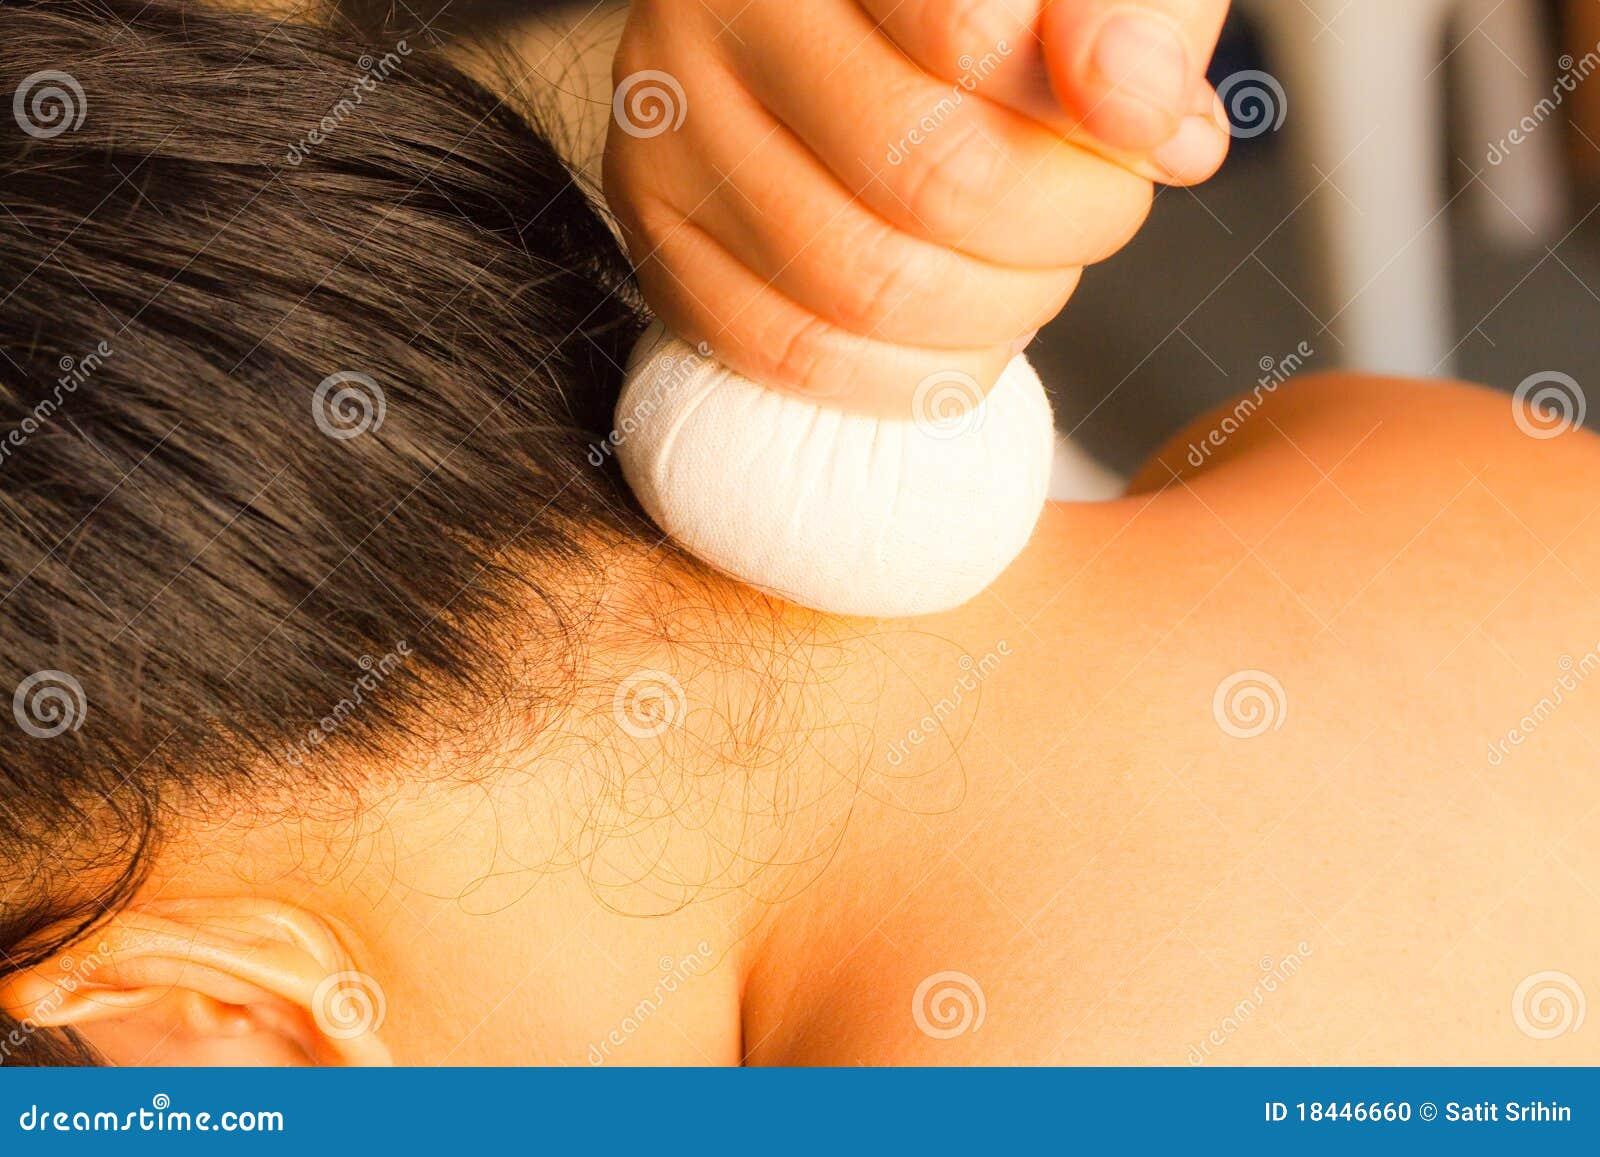 按摩脖子reflexology